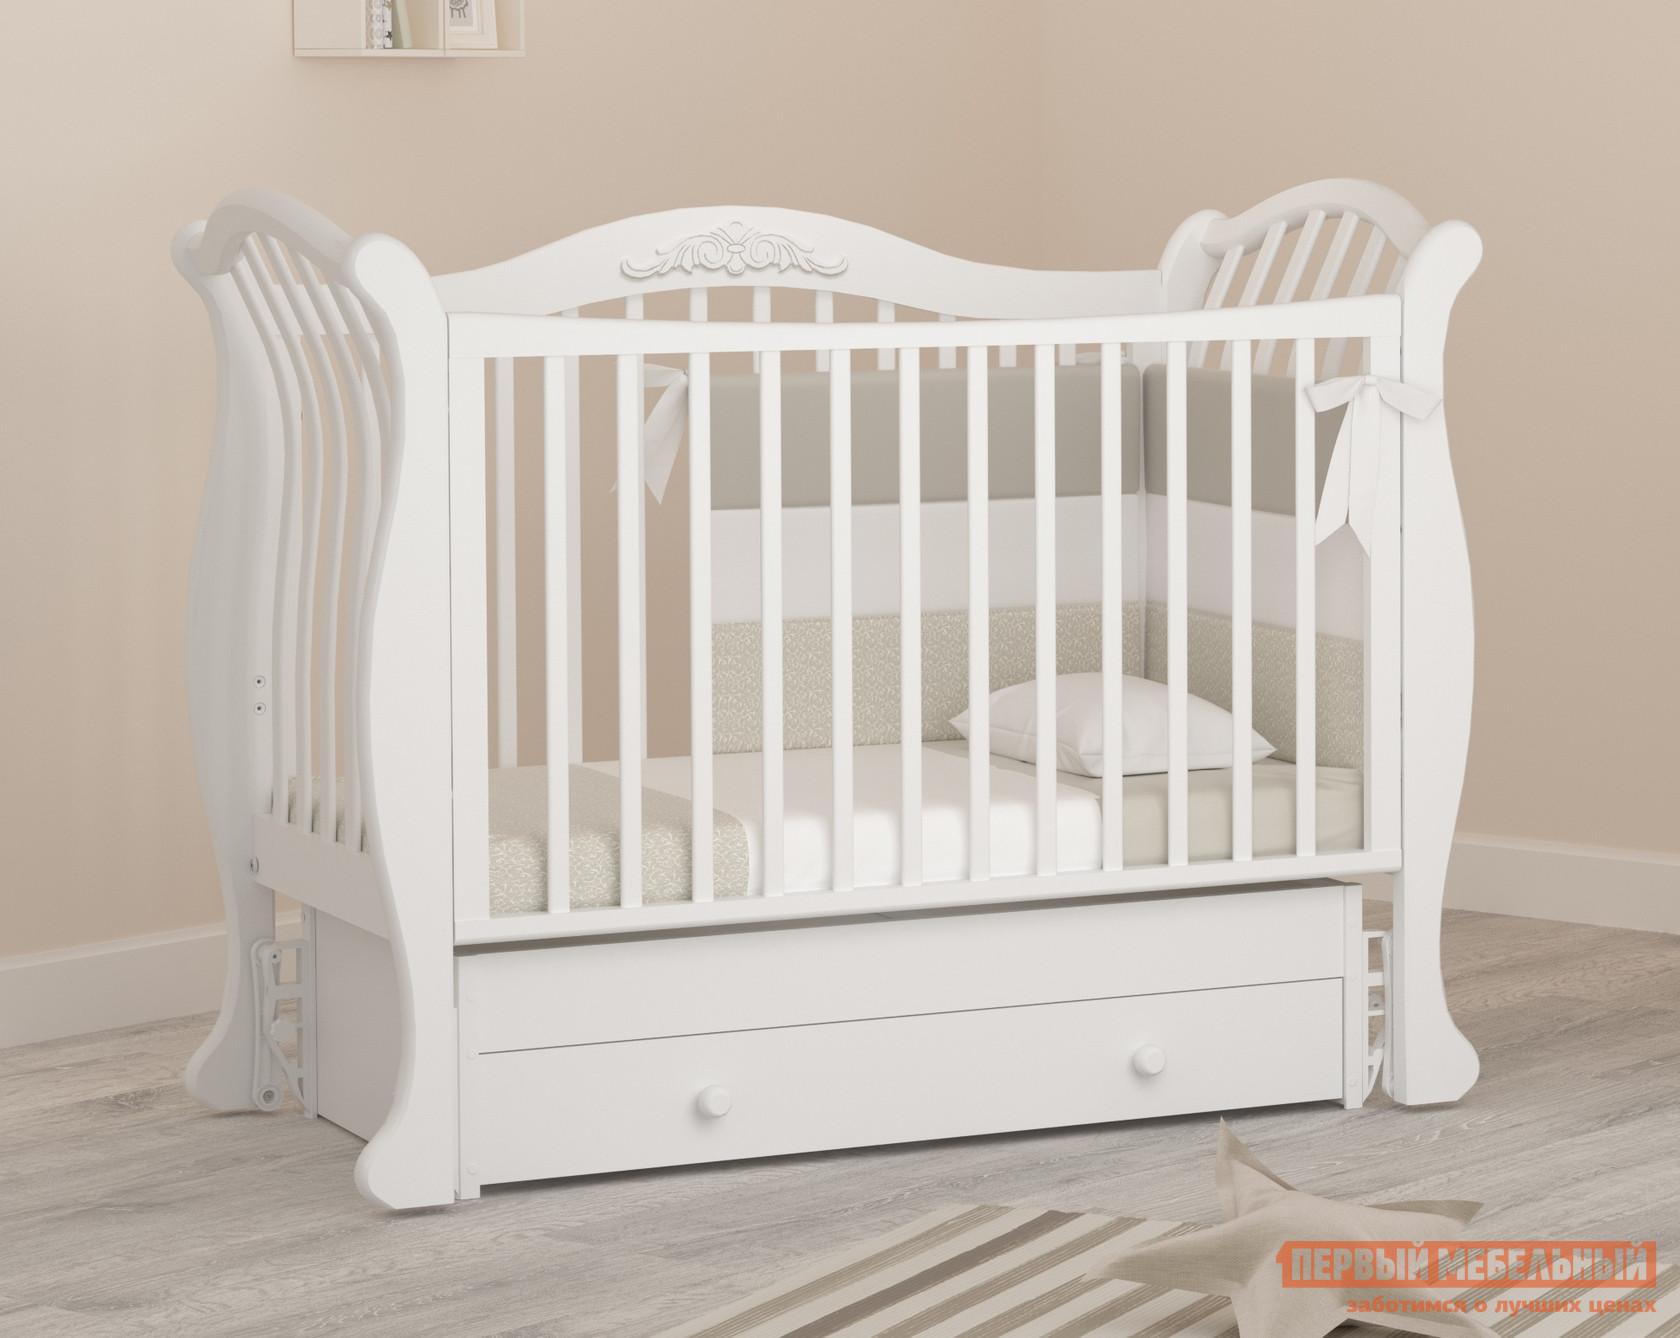 Кроватка Гандылян Габриэлла люкс К-2002-31м детские кроватки гандылян габриэлла люкс качалка